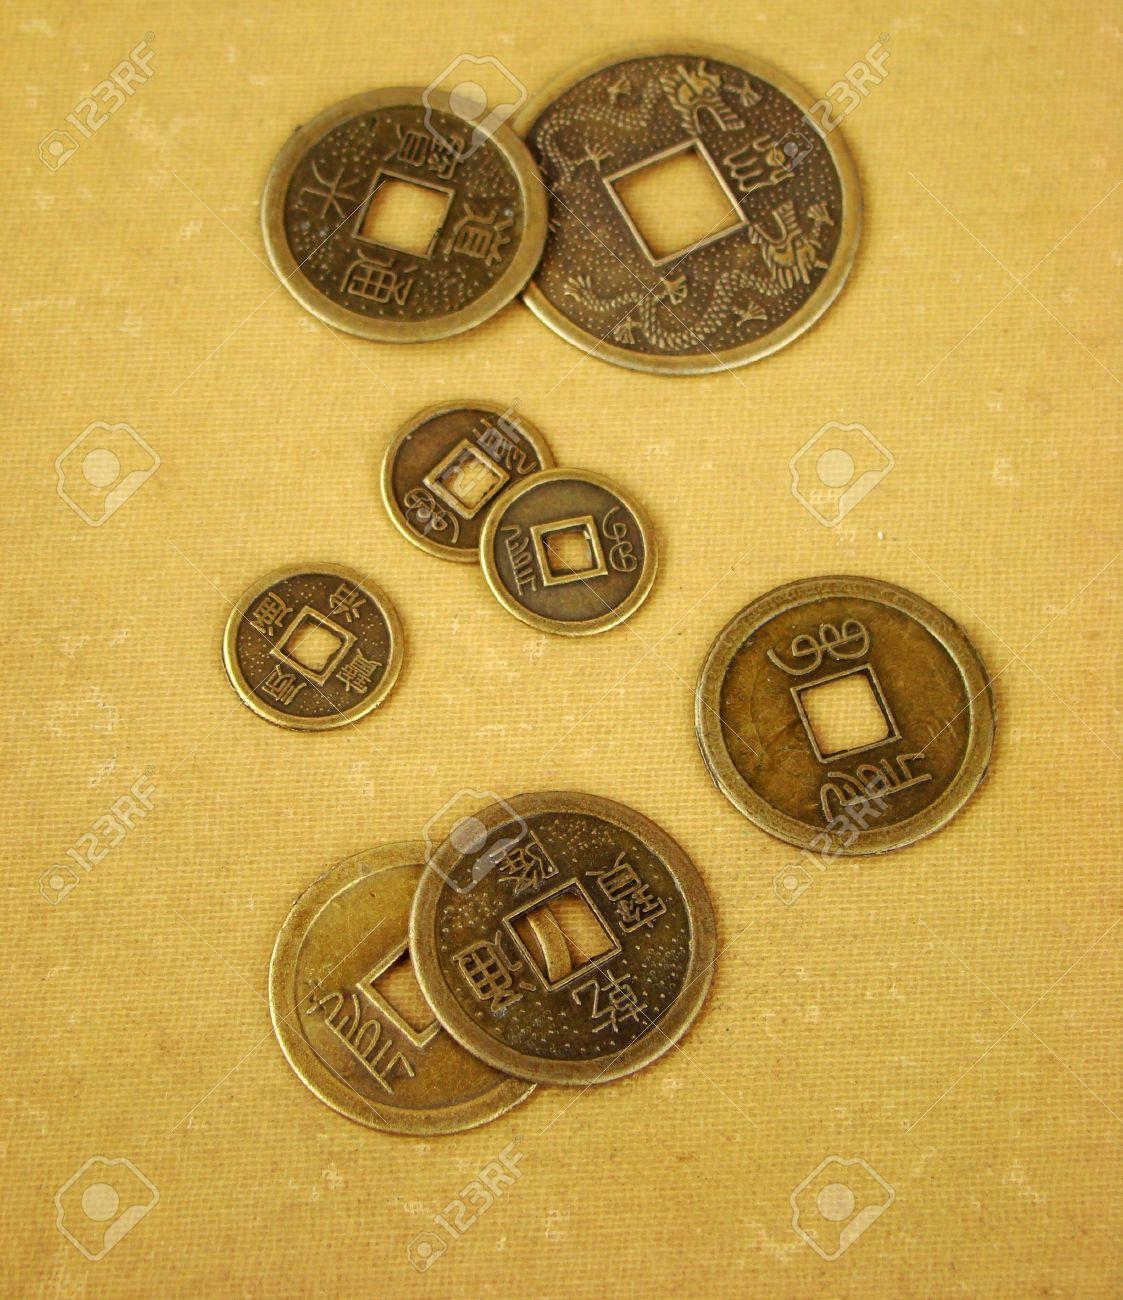 Chinesische Feng Shui Münzen Für Glück Und Erfolg In Den Alten Und